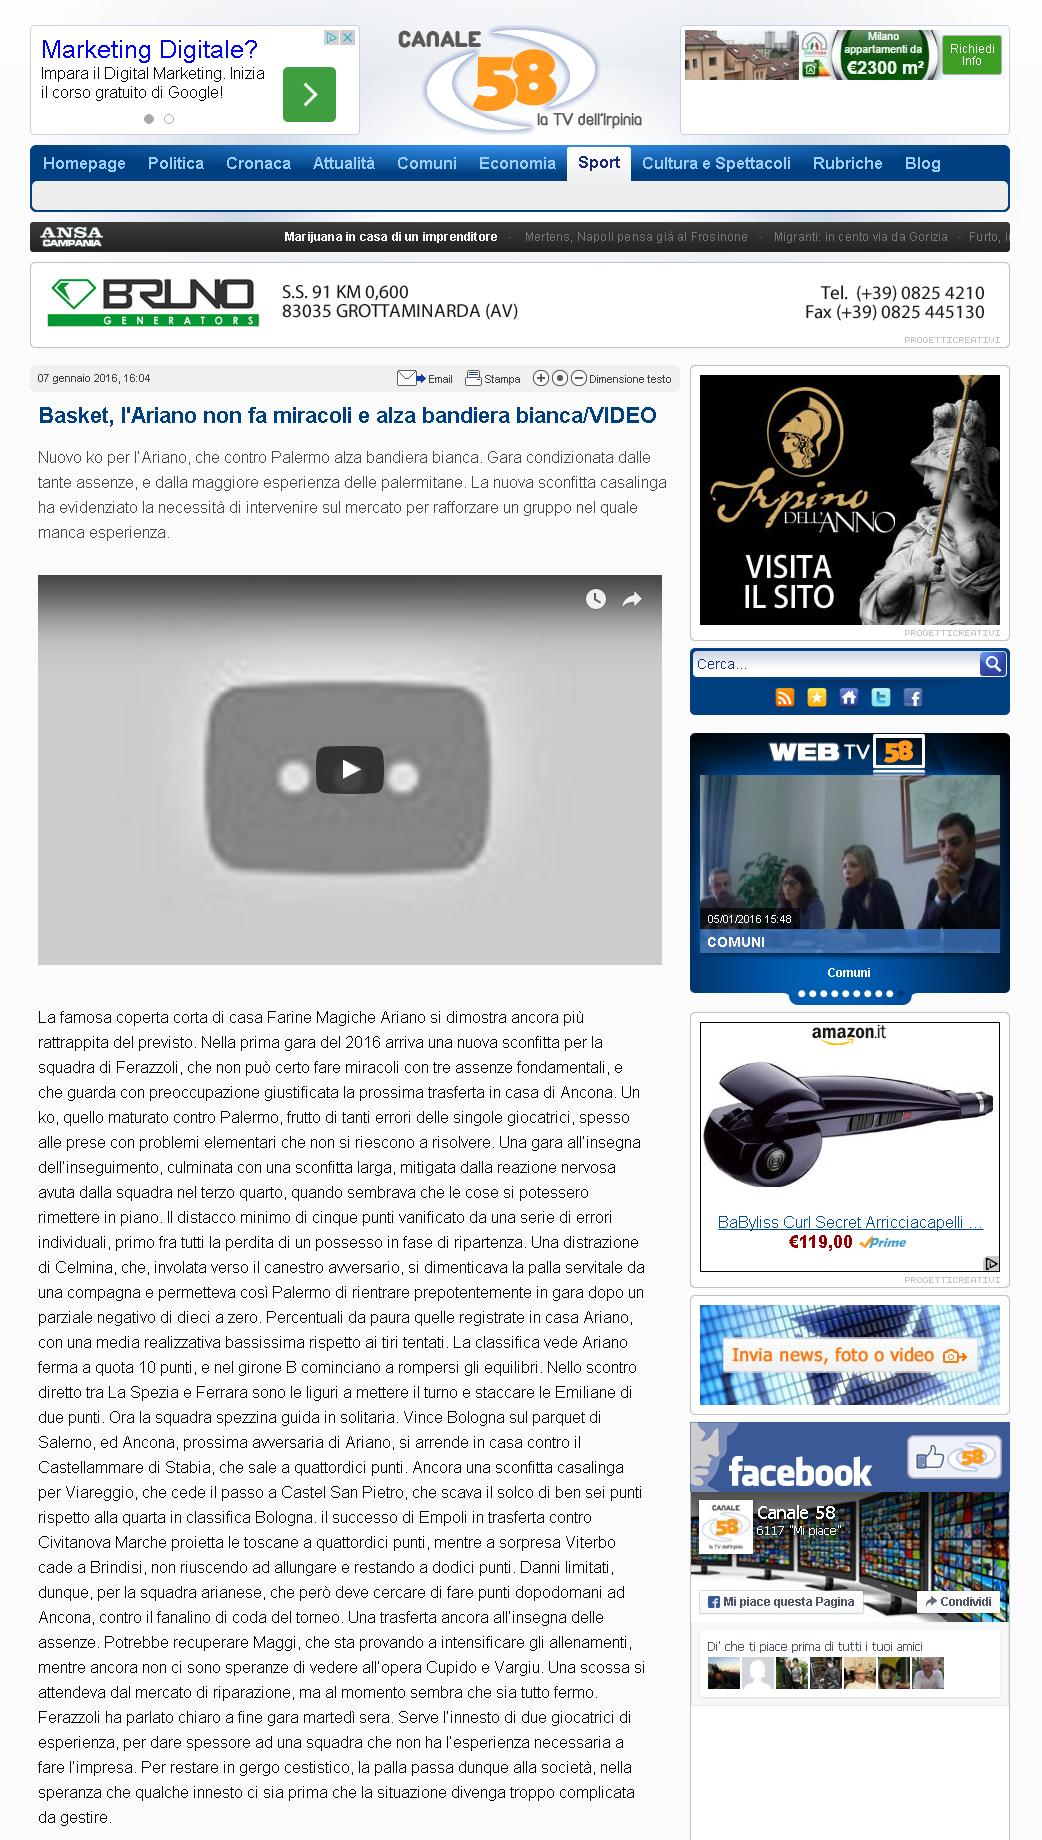 07.01.2016_Canale 58   La TV dell Irpinia